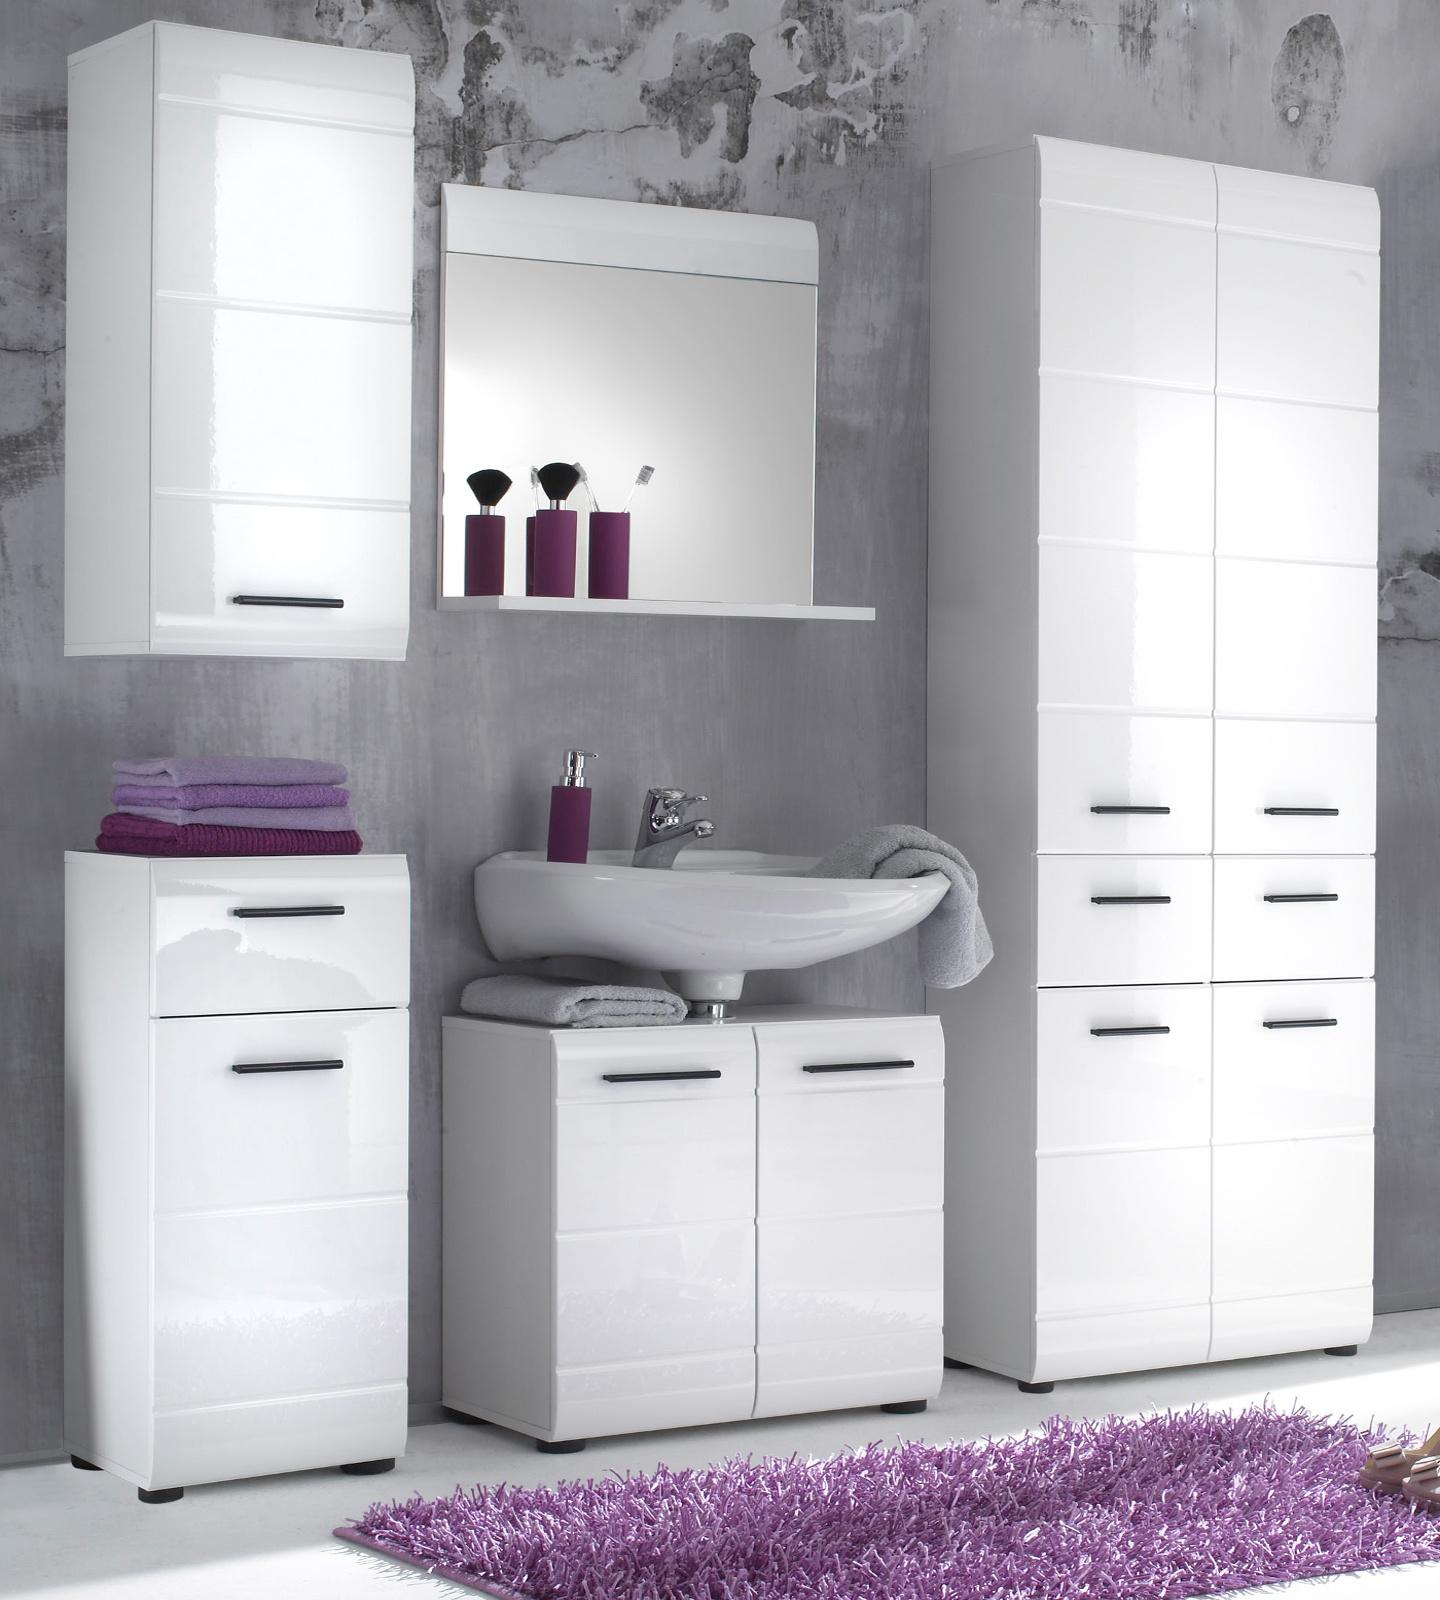 Badmöbel Set Skin Hochglanz Weiß 5 Teilig Badezimmer Waschplatz